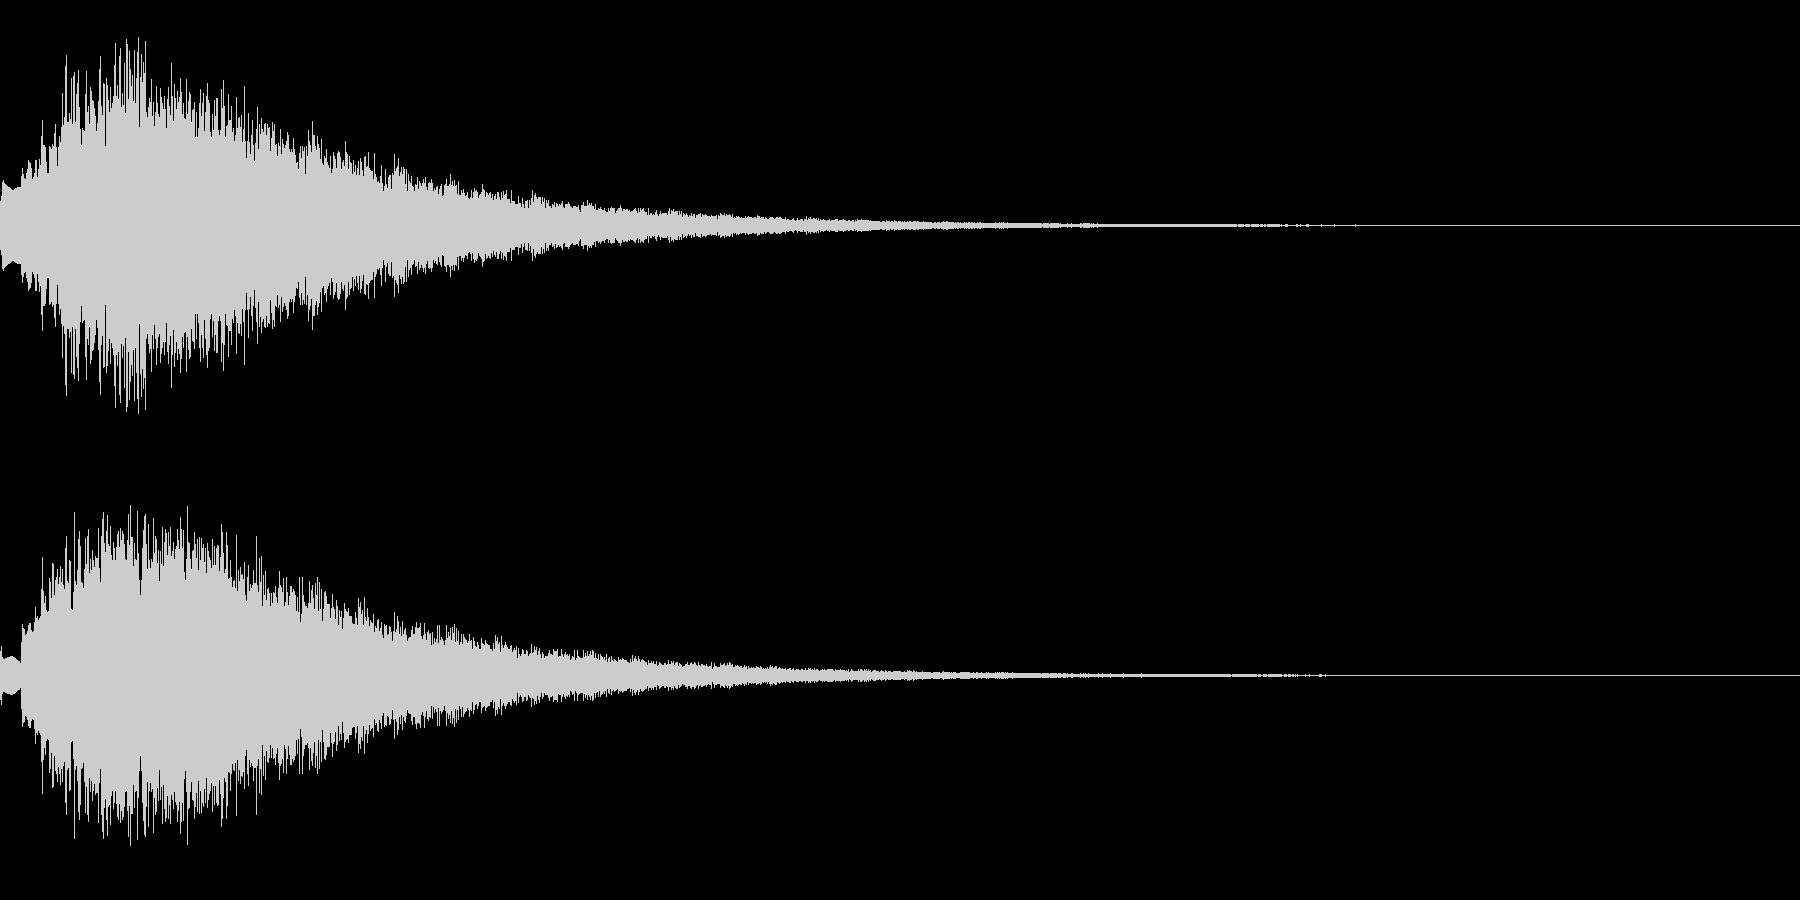 キラキラ シャララーン アイキャッチ05の未再生の波形